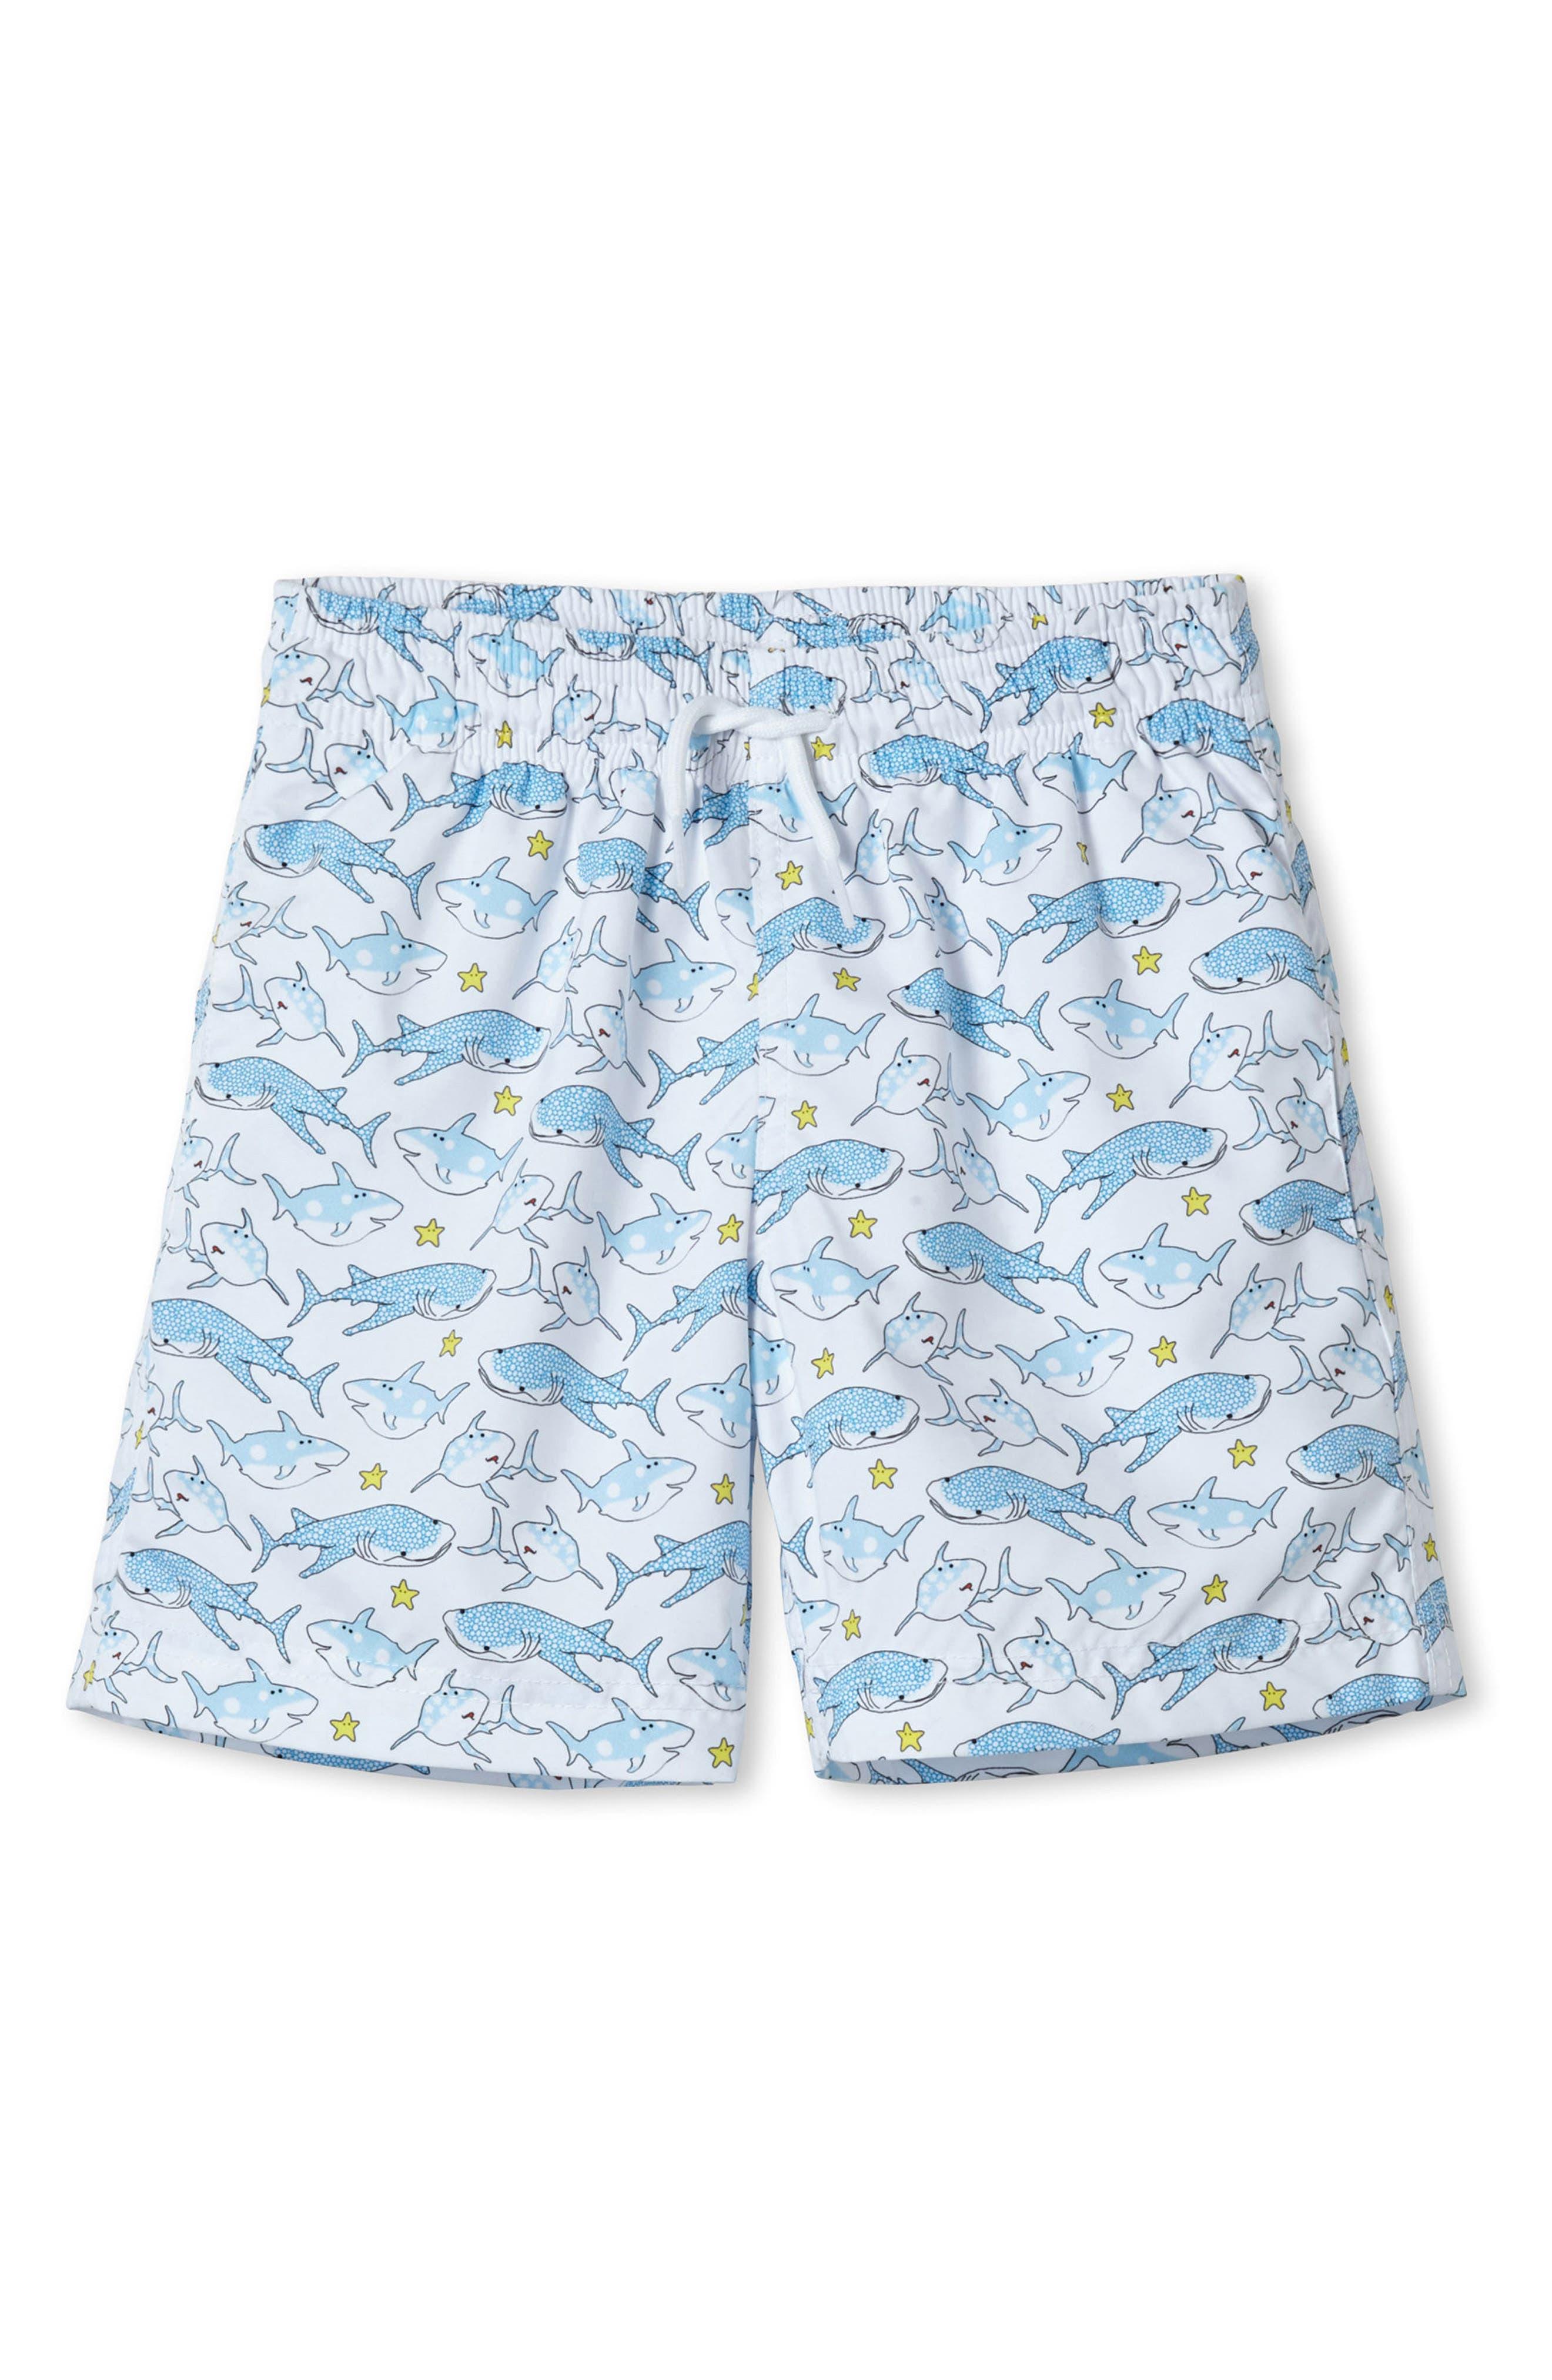 Alternate Image 1 Selected - Stella Cove White Shark Swim Trunks (Toddler Boys & Little Boys)